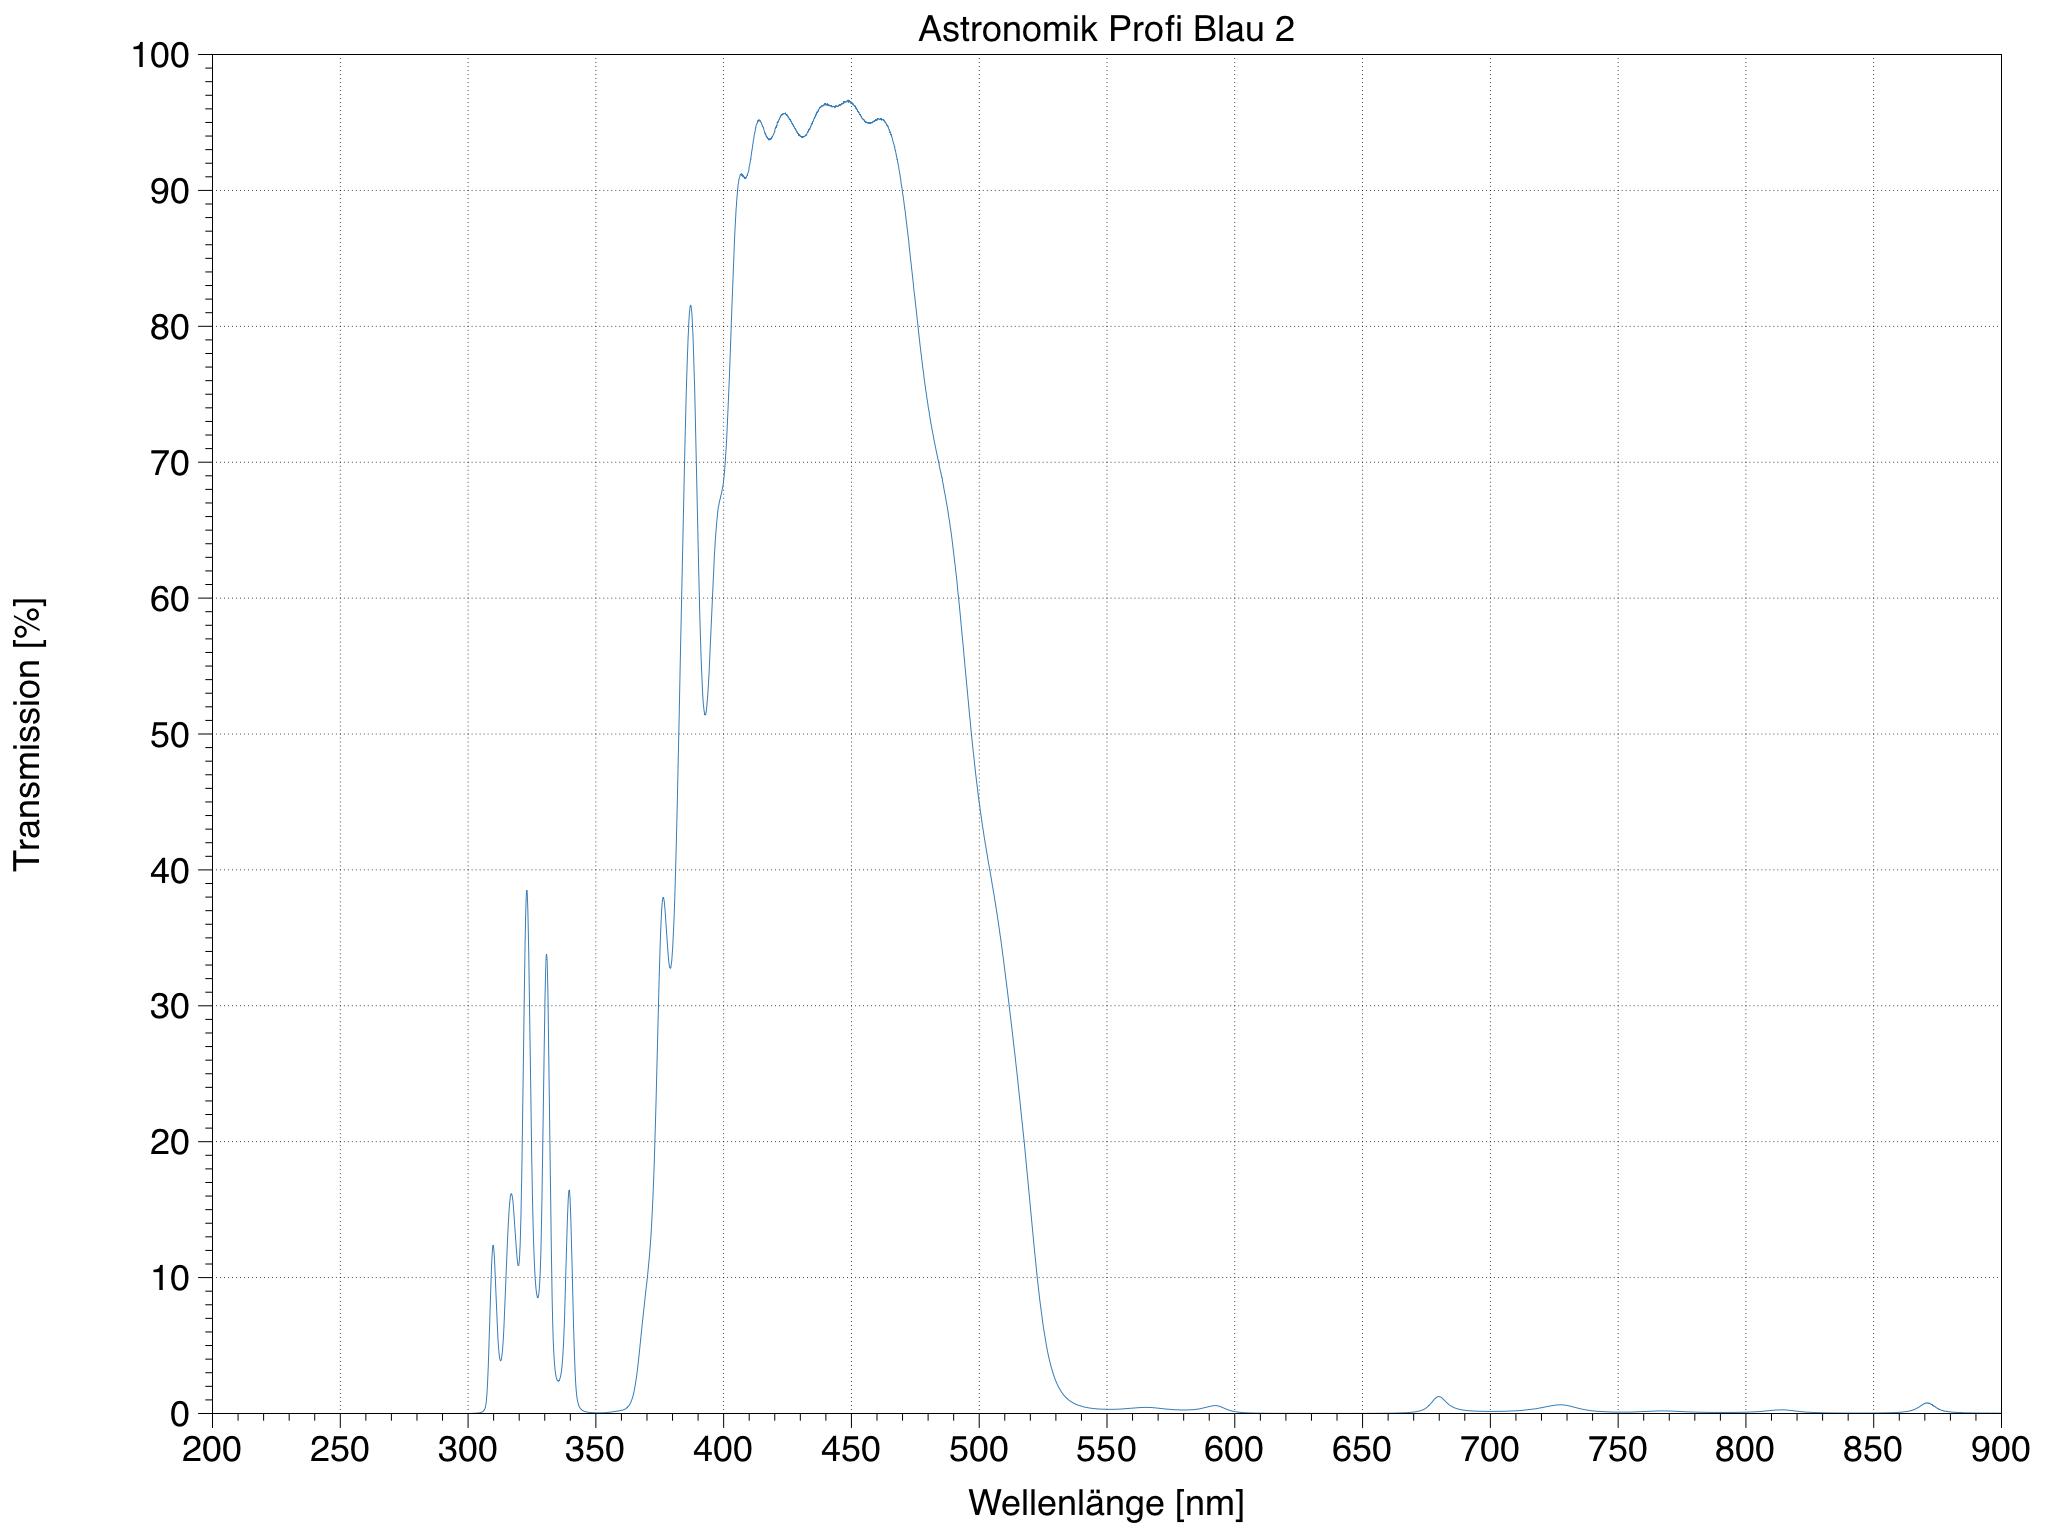 Transmission meines Astronomik Profi Blau 2 Filter gemessen mit einem Varian Cary 400 Spektrometer.